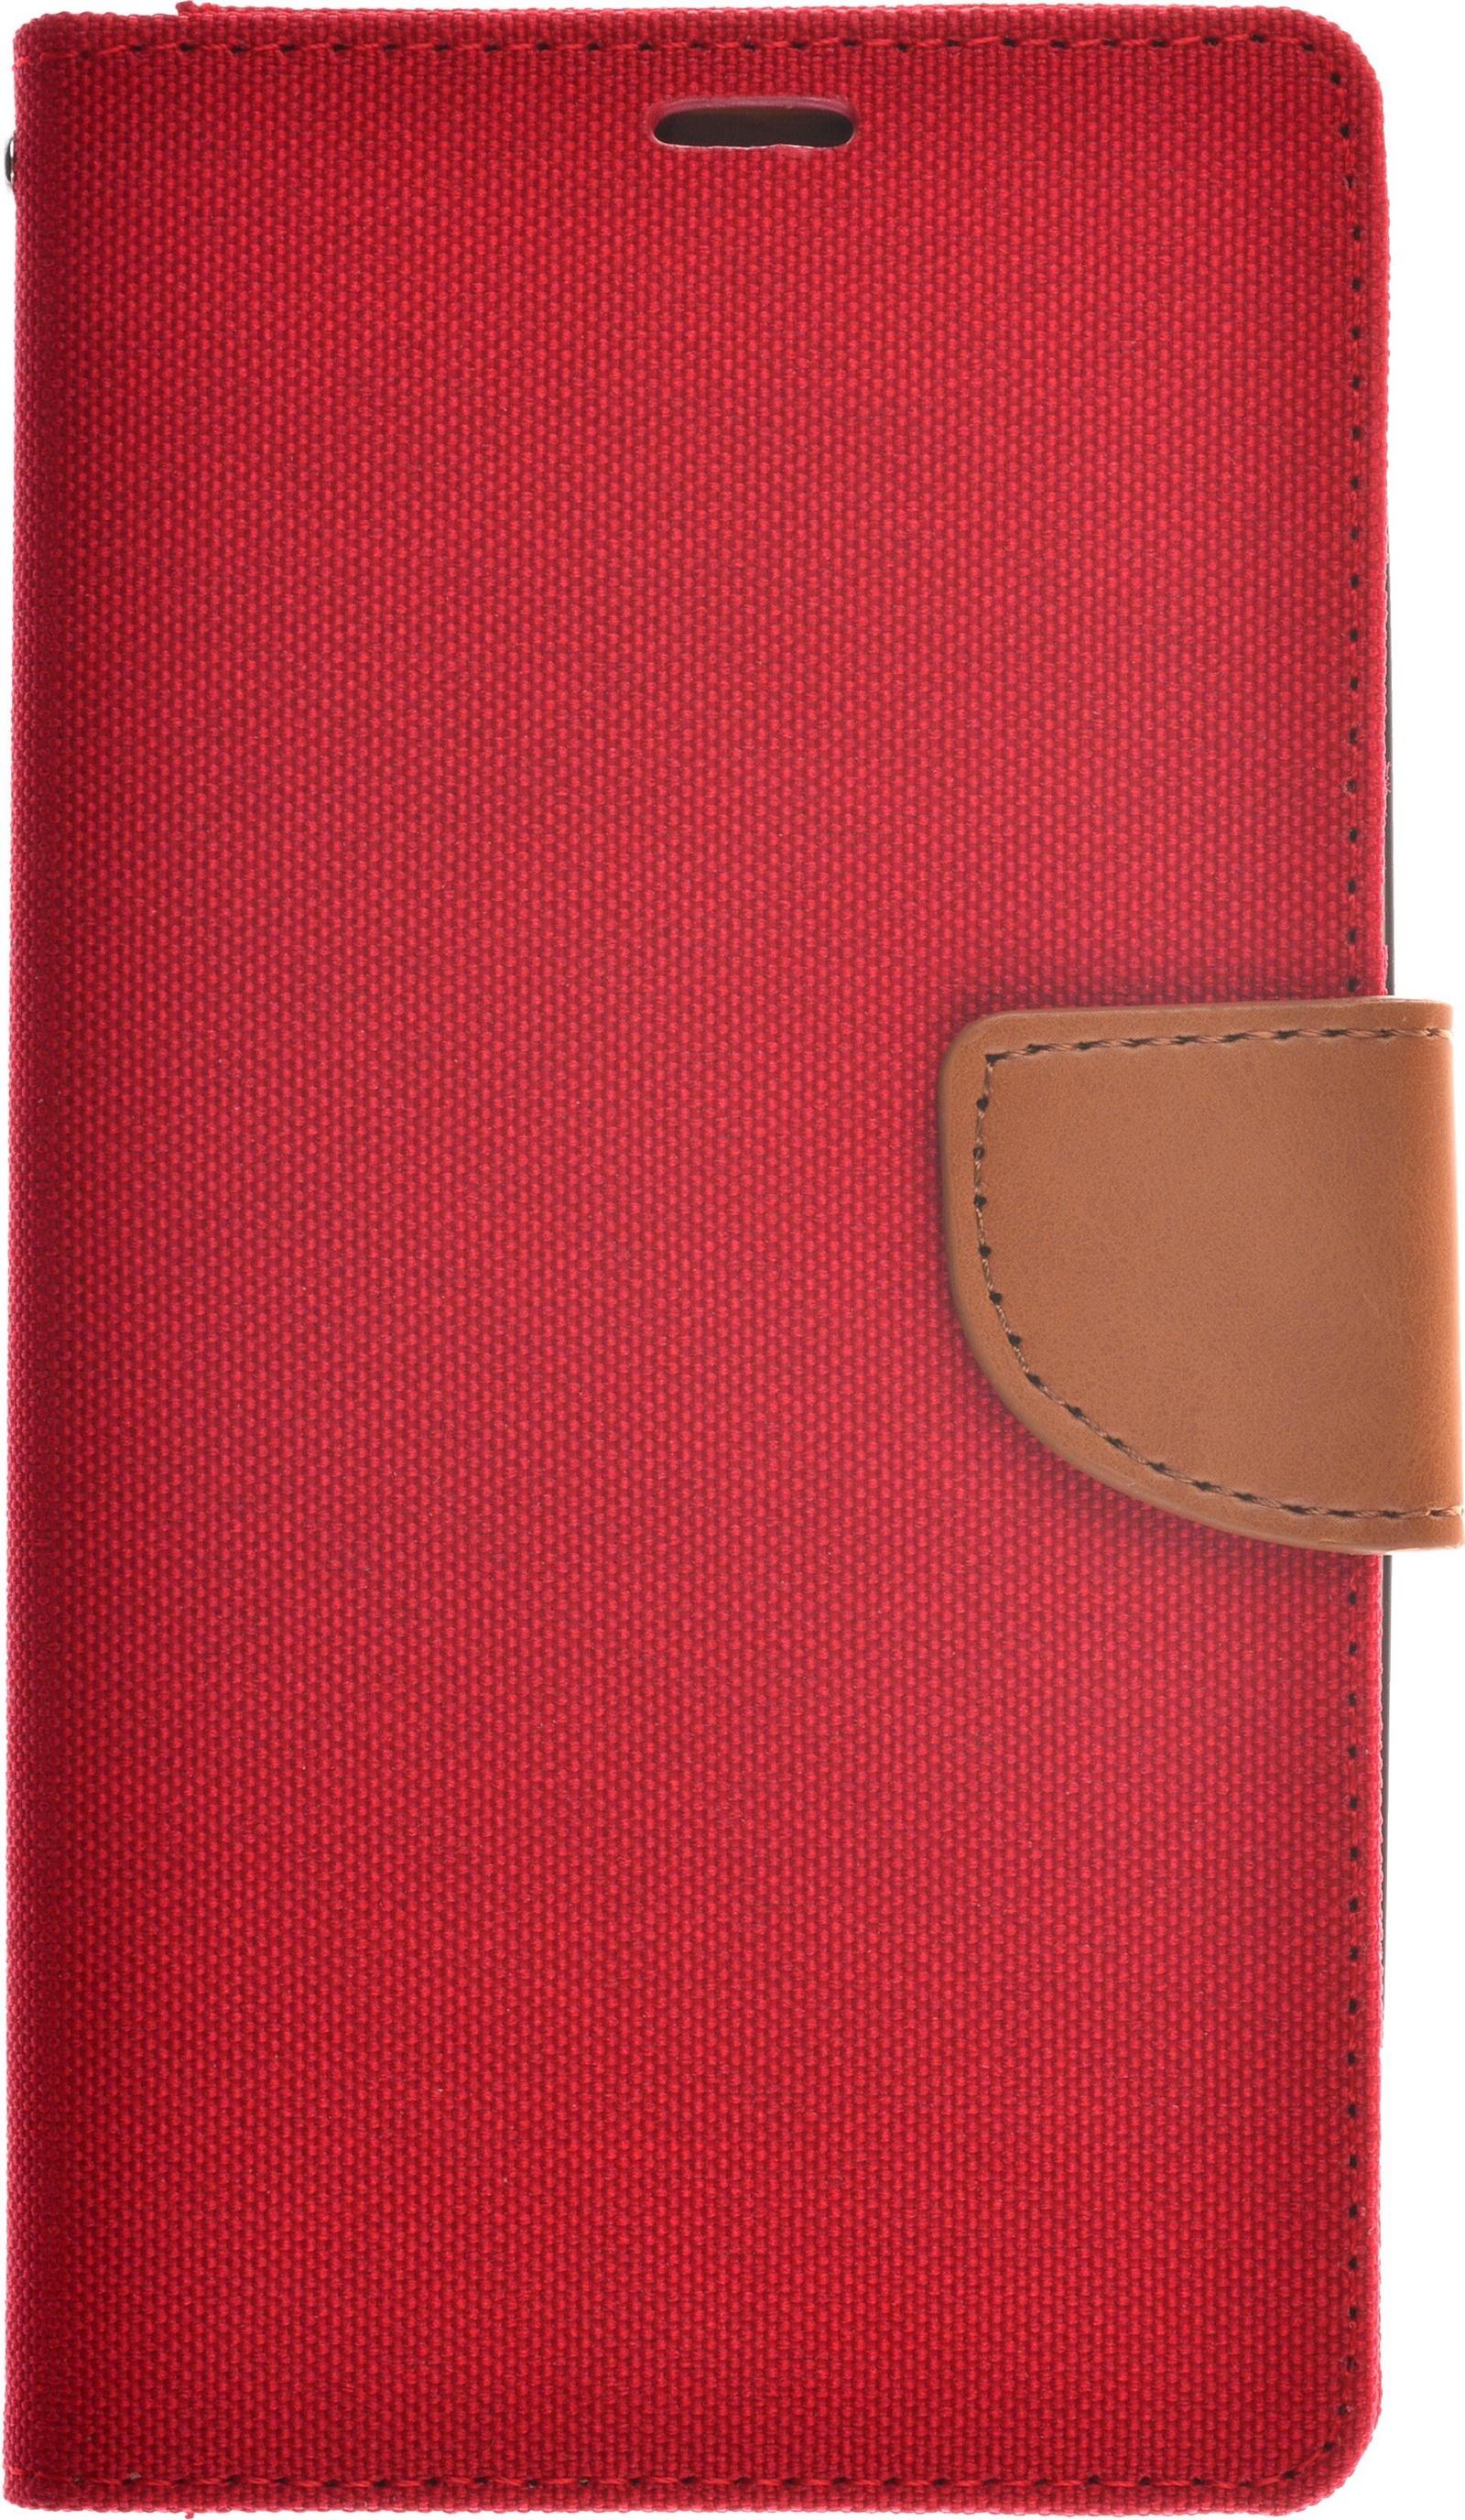 Чехол skinBOX для Asus ZE550KL, 2000000087085, красный стоимость